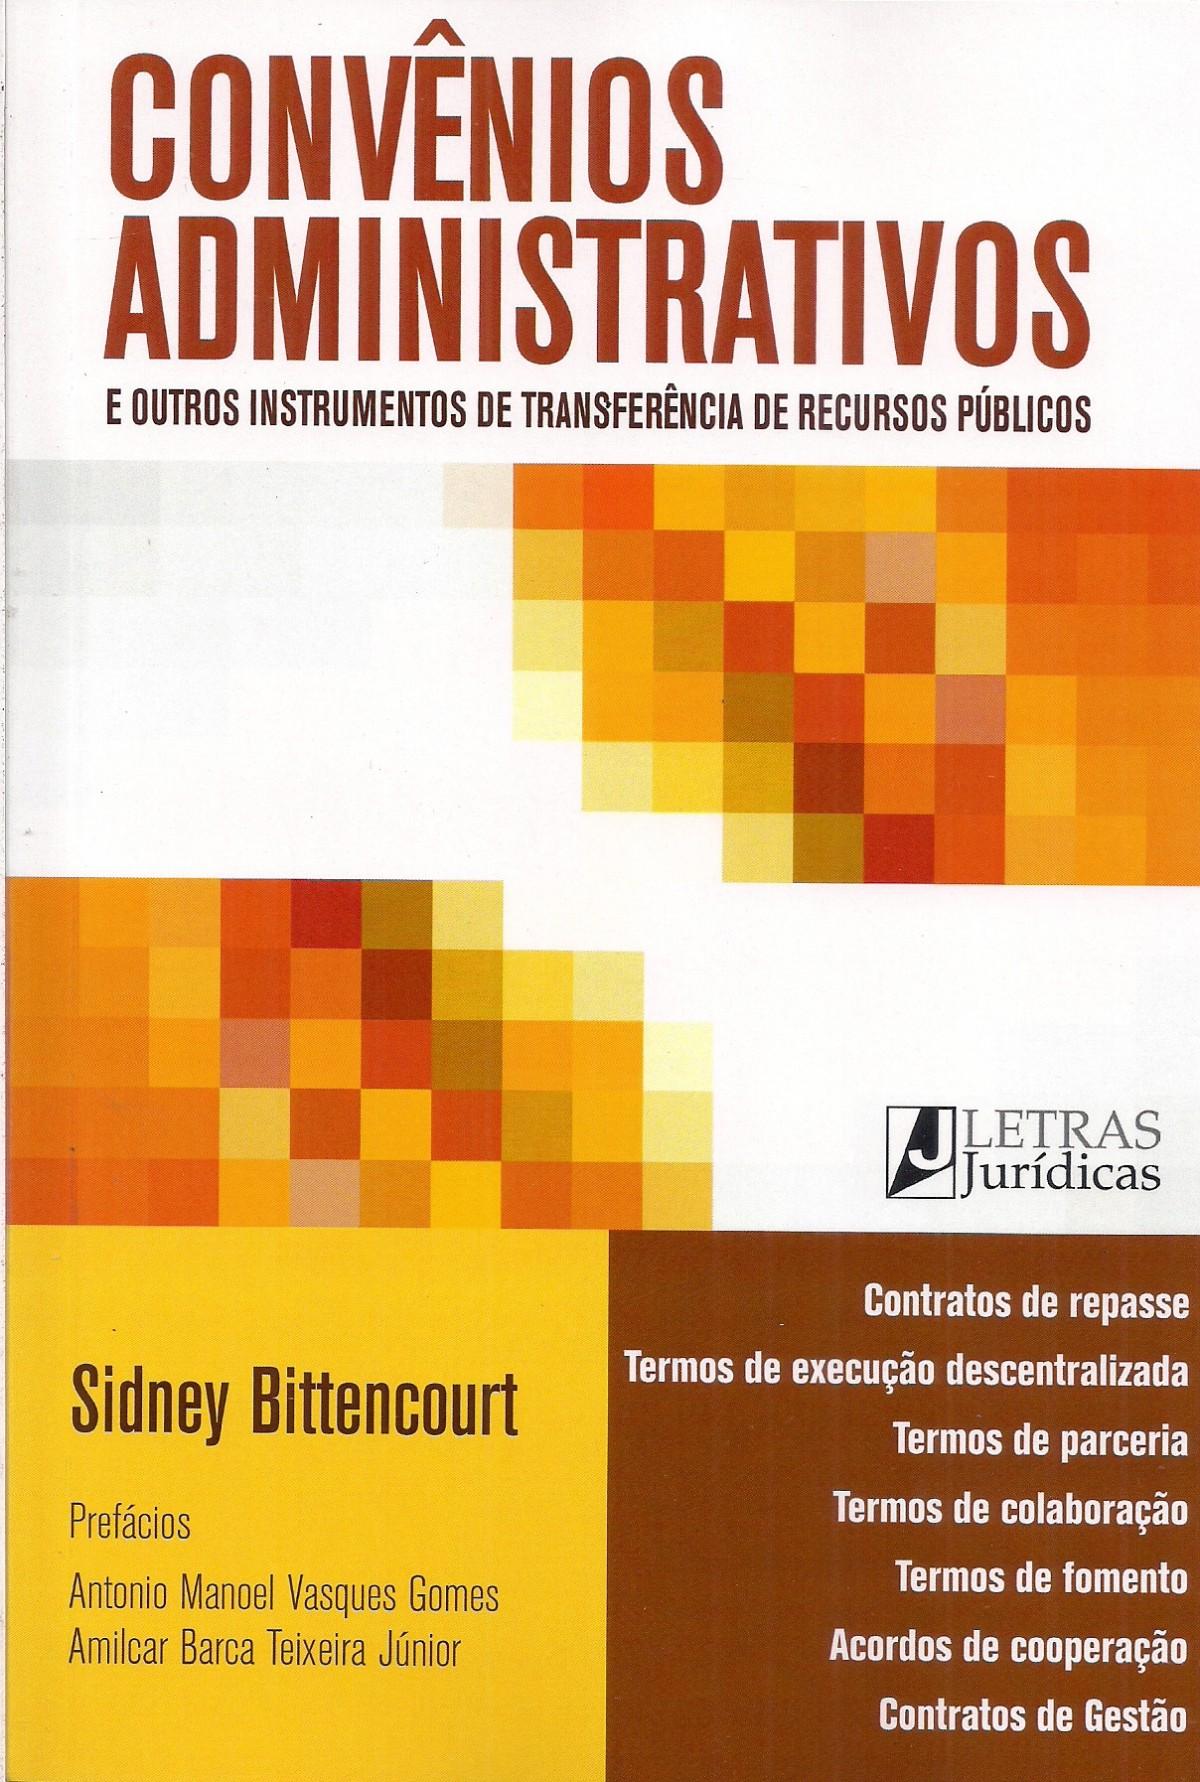 Foto 1 - Convênios Administrativos - E outros Instrumentos de transferência de Recursos Públicos